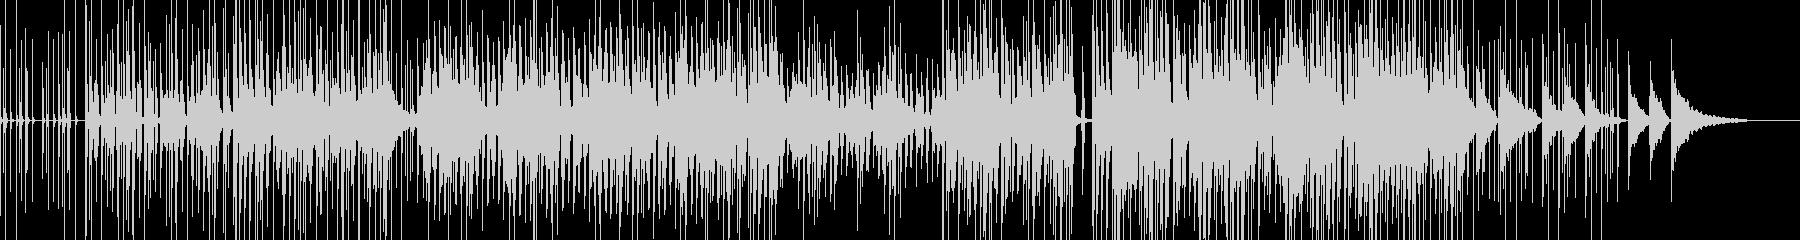 サラサラ ジャズ 民謡 アクティブ...の未再生の波形